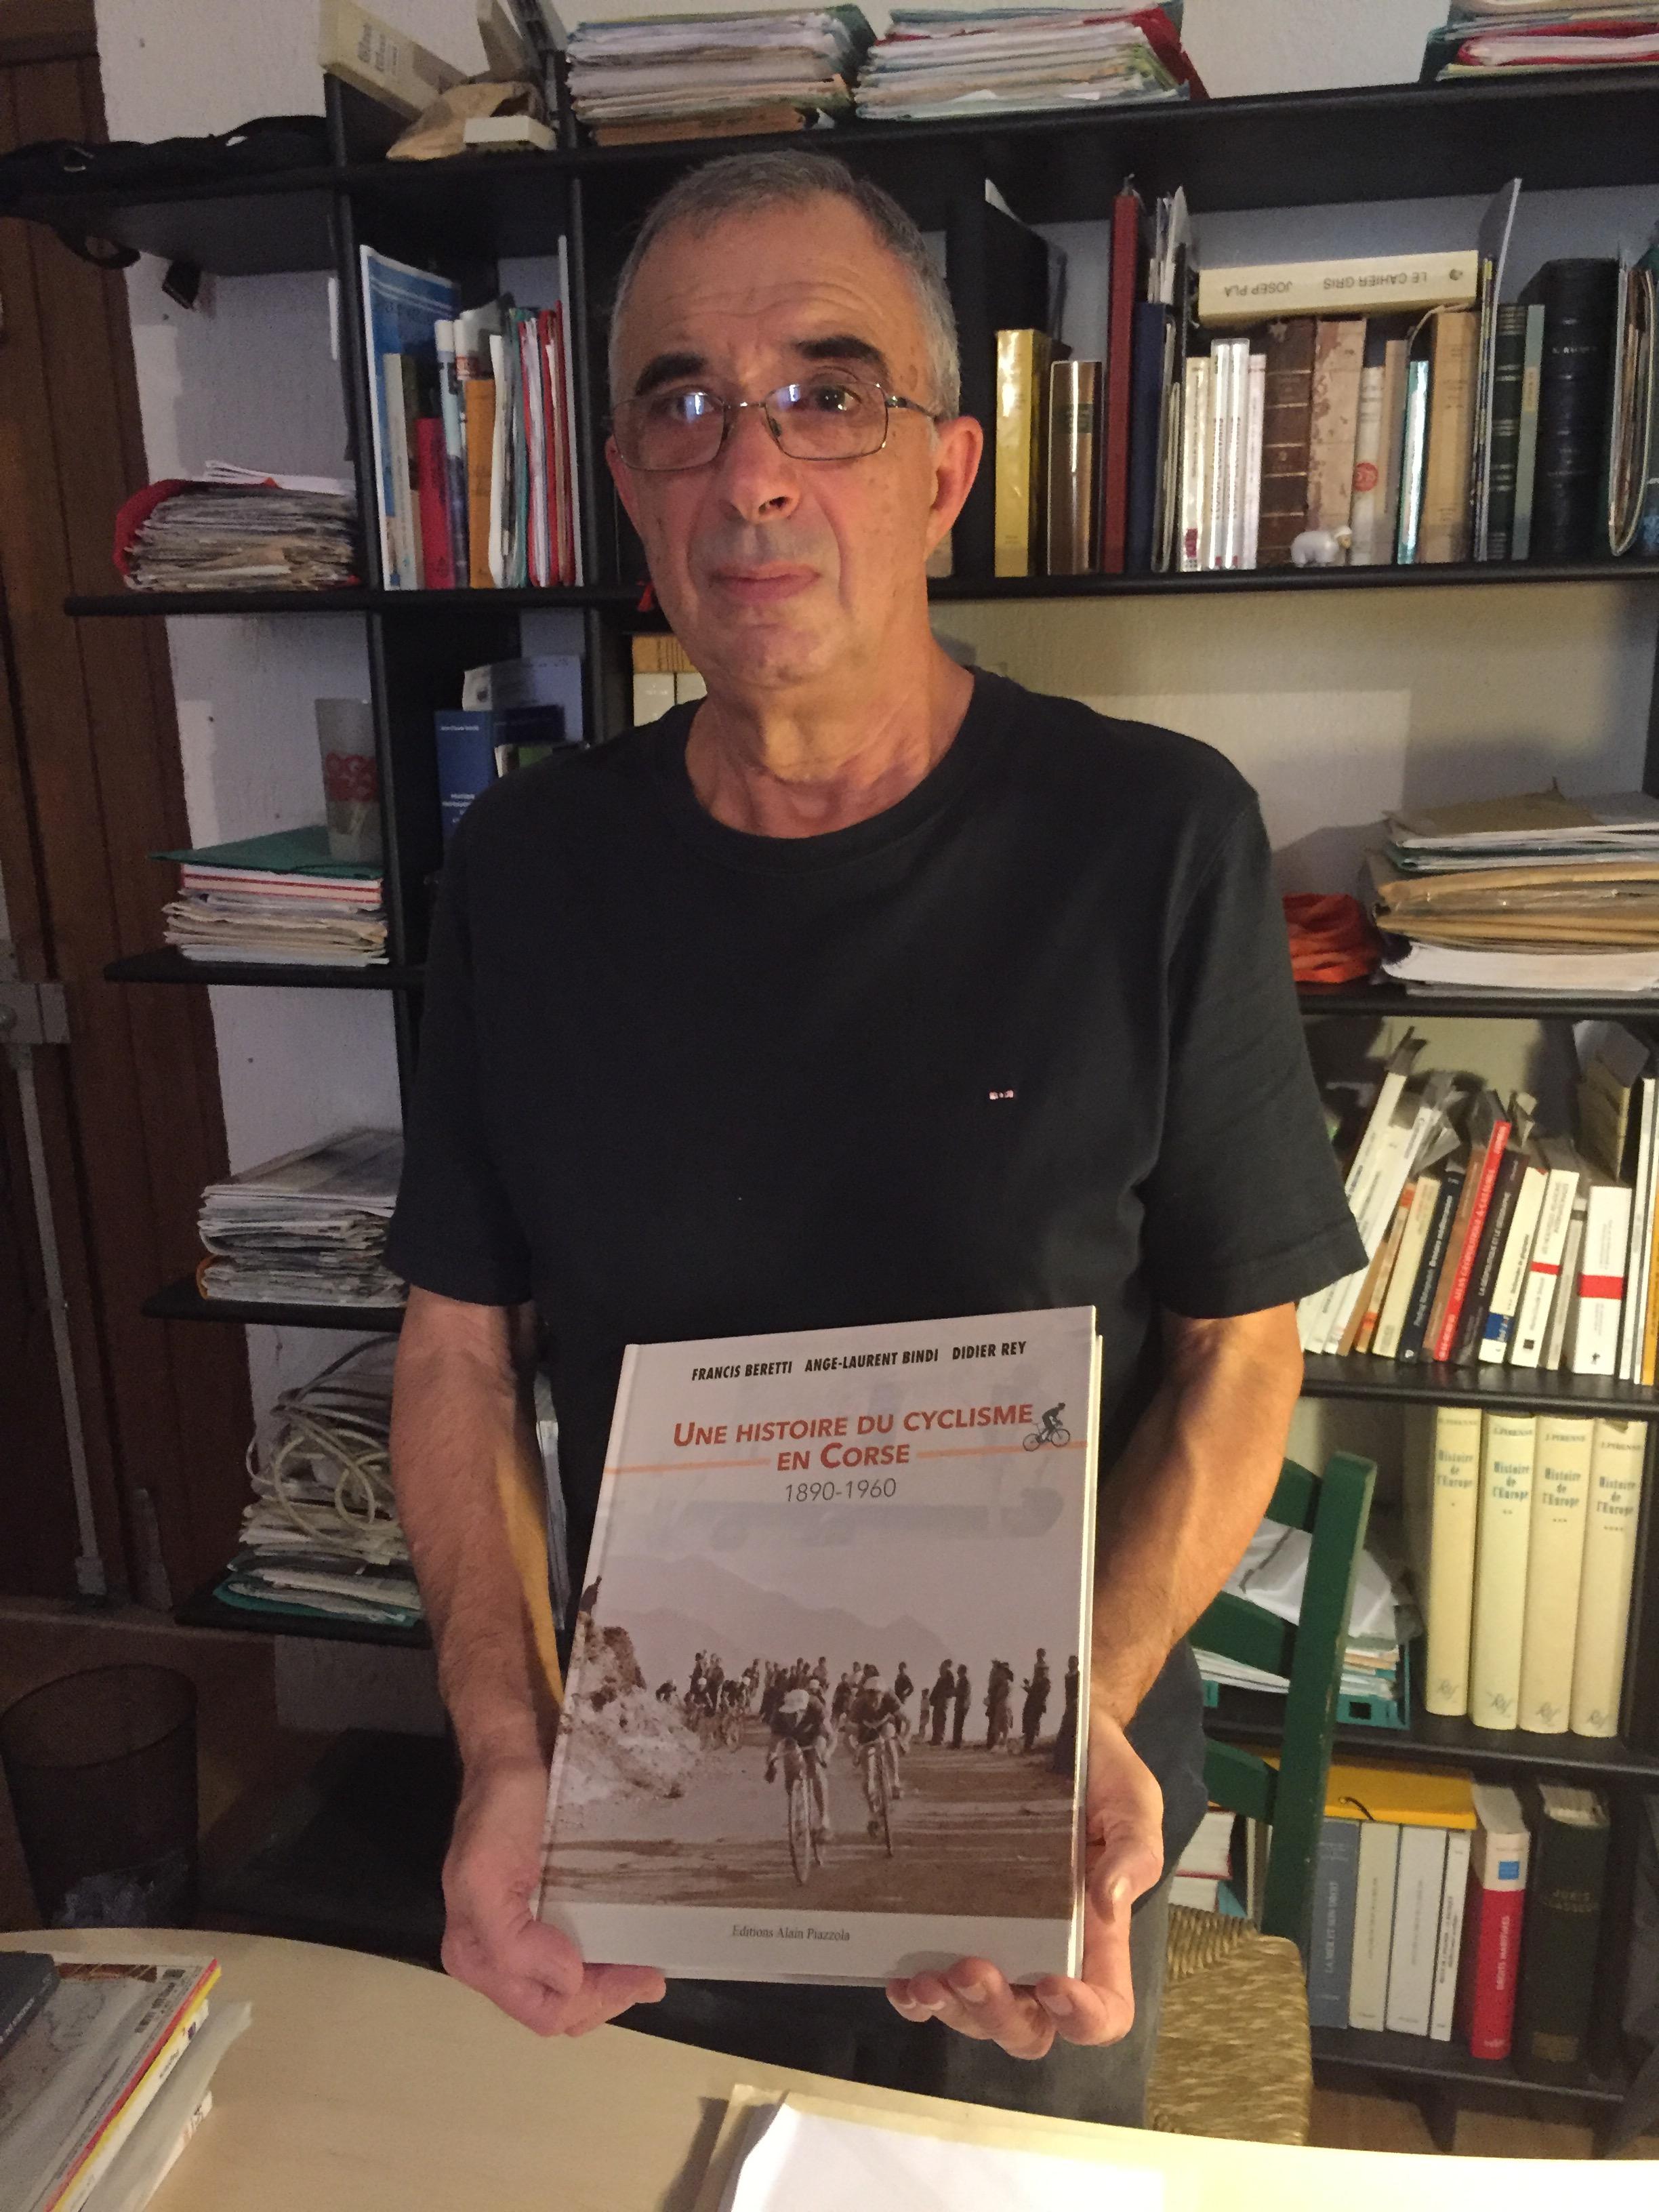 Rentrée littéraire : «Une histoire du cyclisme en corse, 1890-1960».